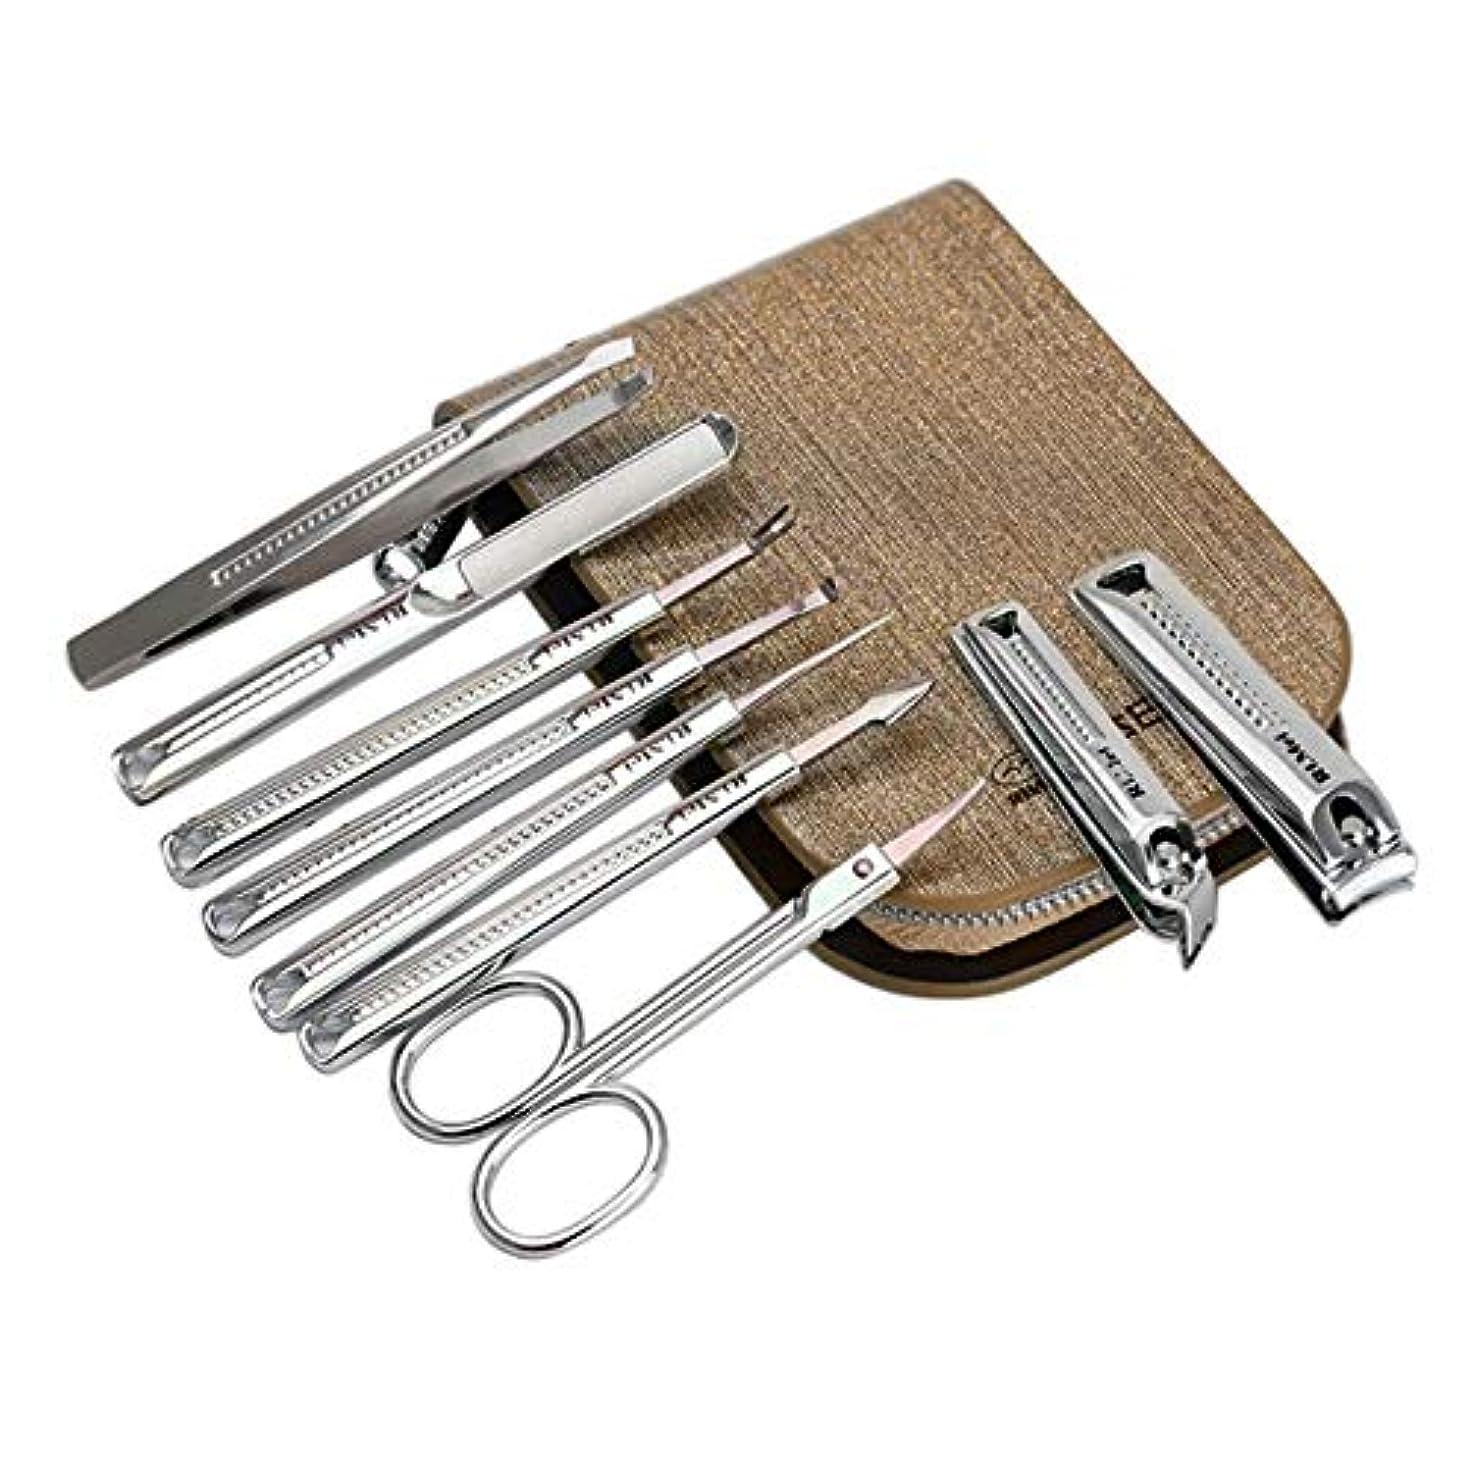 もつれ不和帳面TUOFL ネイルクリップセット、9セットのネイルツール、高品質のスチール、シャープで耐久性のある (Color : Silver)